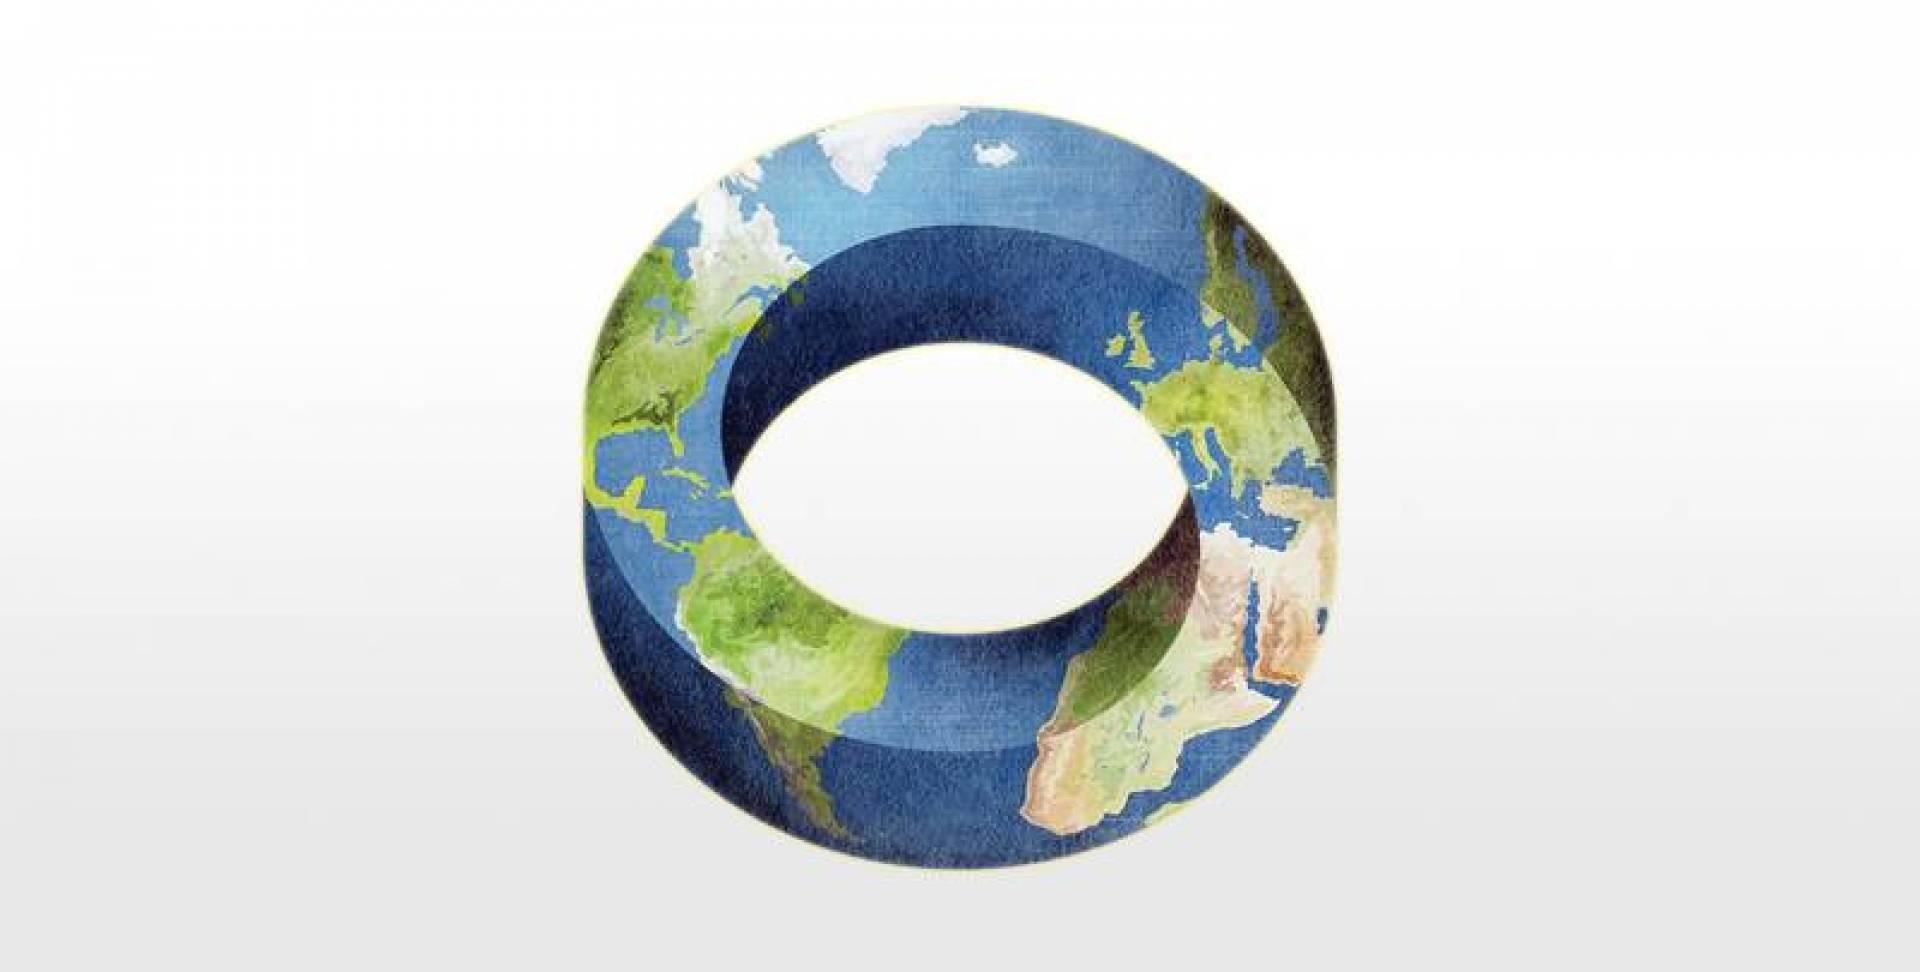 كيف تغيرت قواعد الاقتصاد العالمي؟